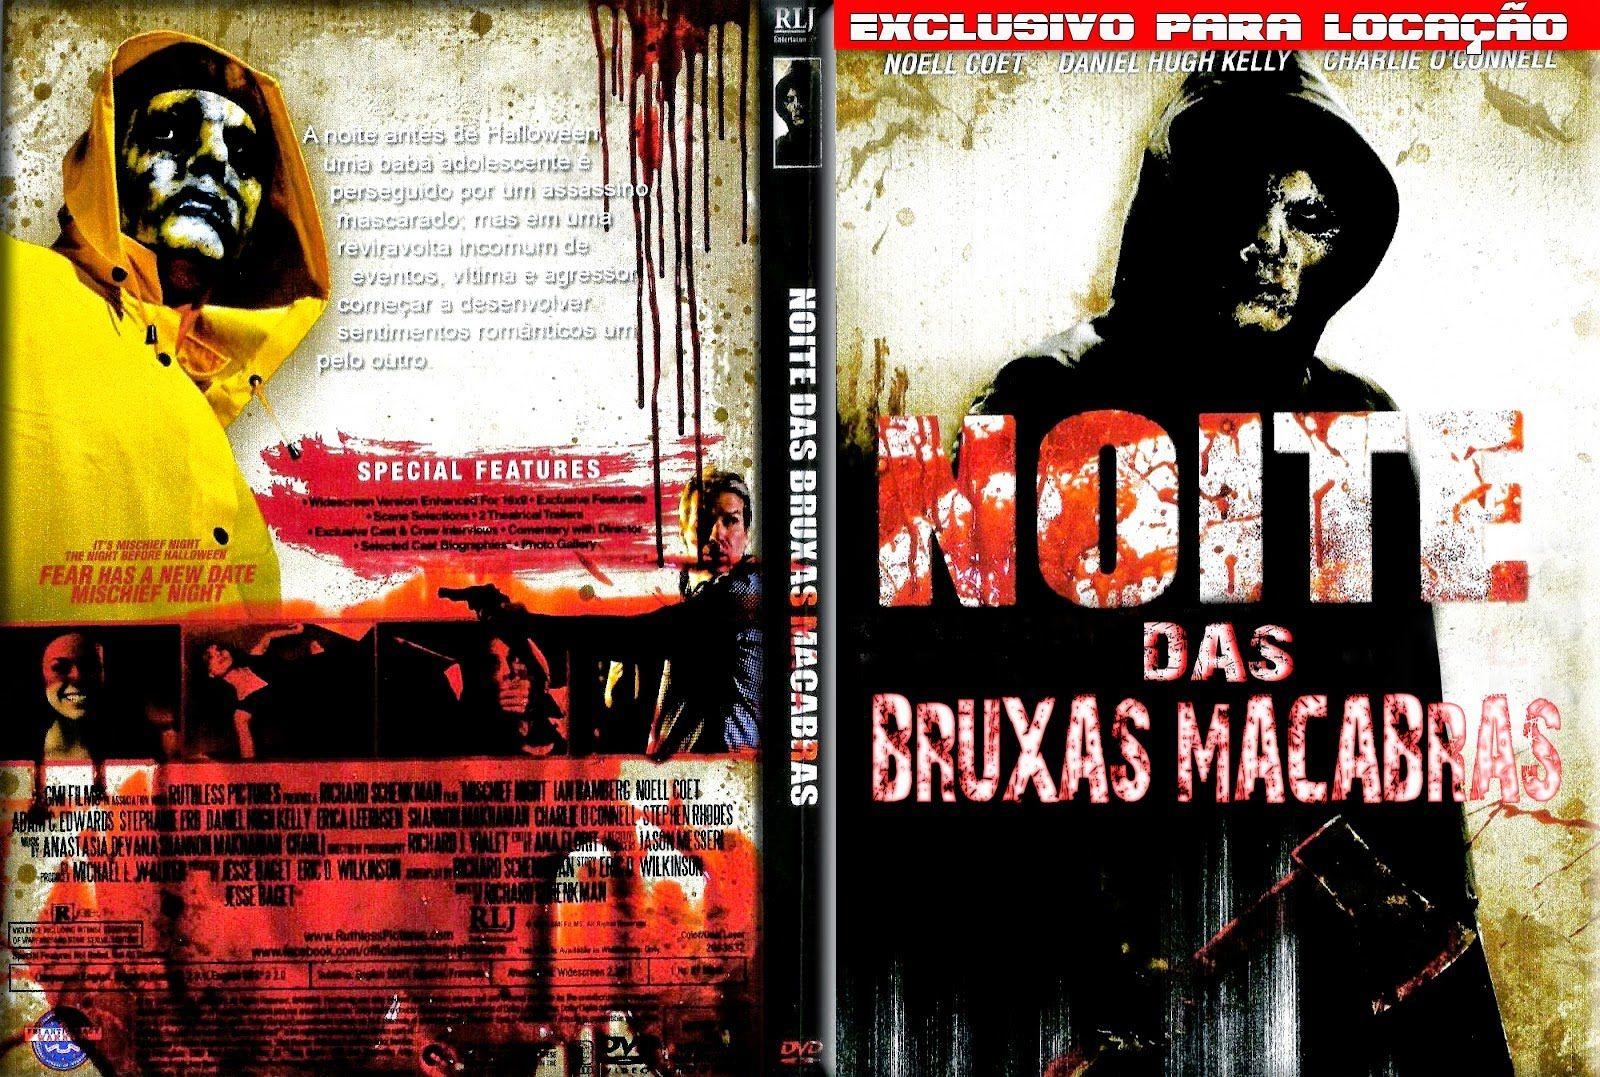 NOITE DAS BRUXAS MACABRAS (2013) Assistir Filmes Completos Dublados Lanç...